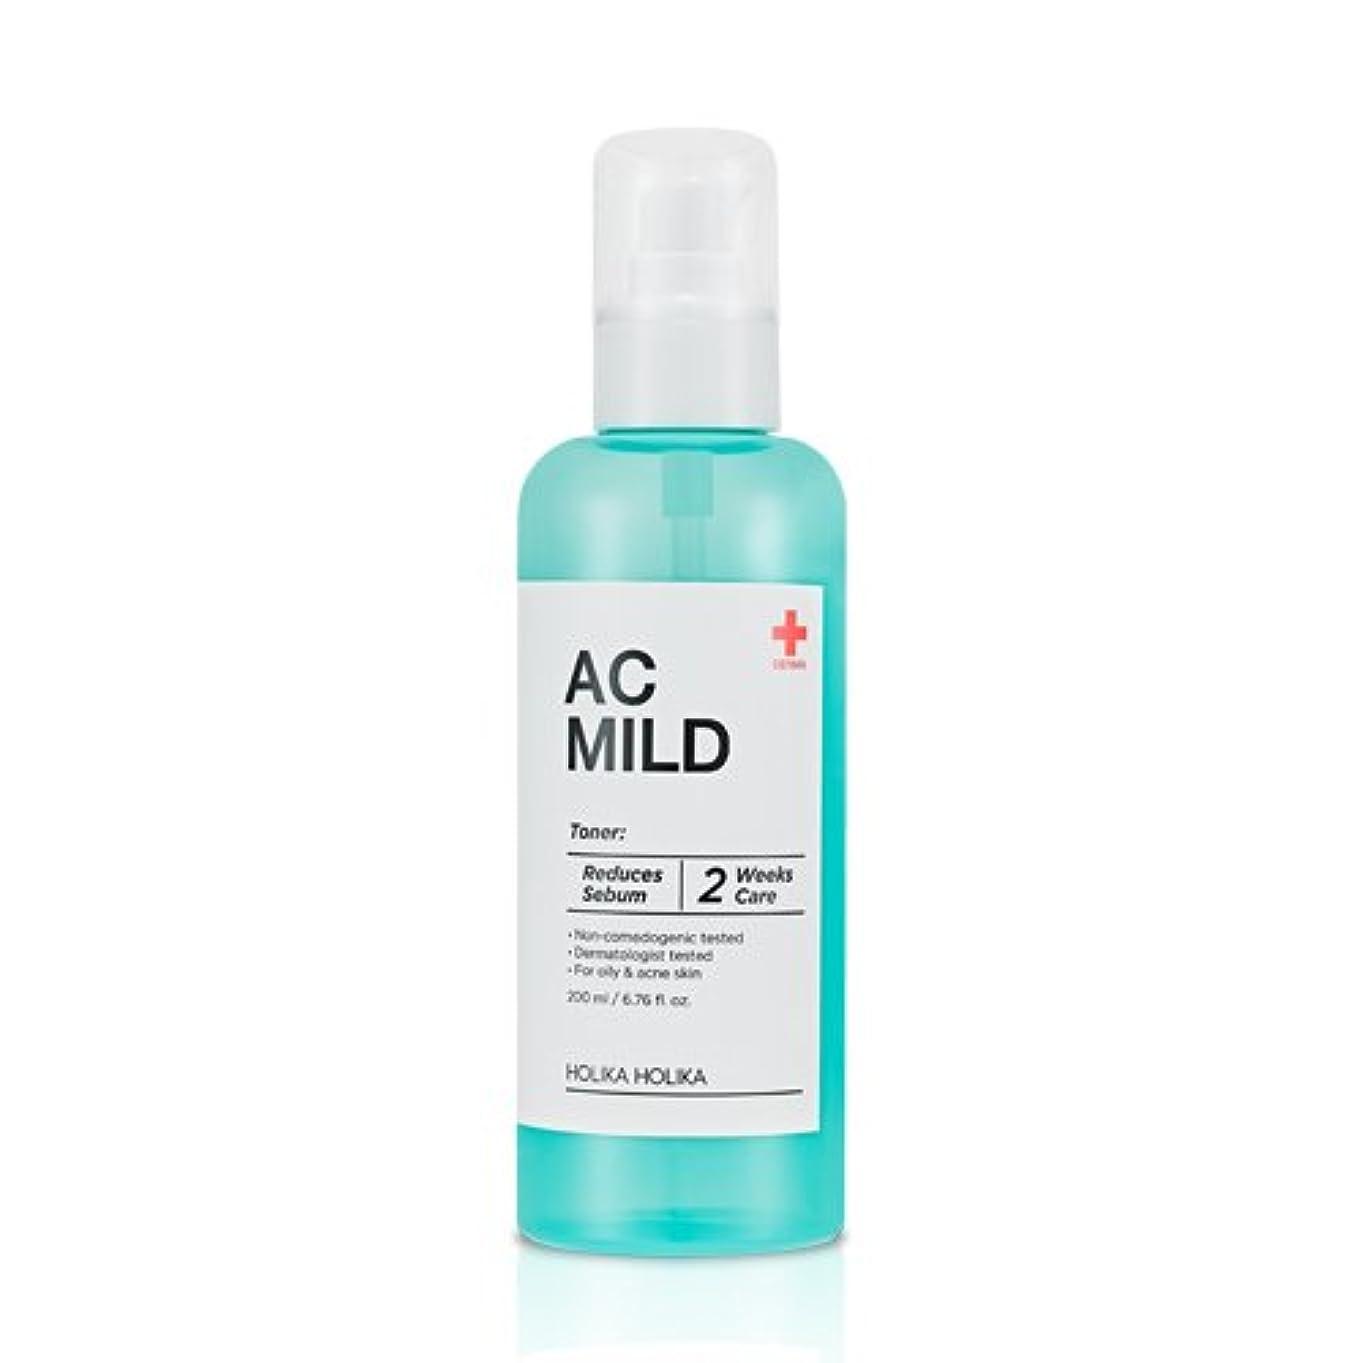 アルコール相談ビタミンホリカホリカ ACマイルドスキントナー/HolikaHolika AC Mild Skin Toner 200ml?化粧水 [並行輸入品]